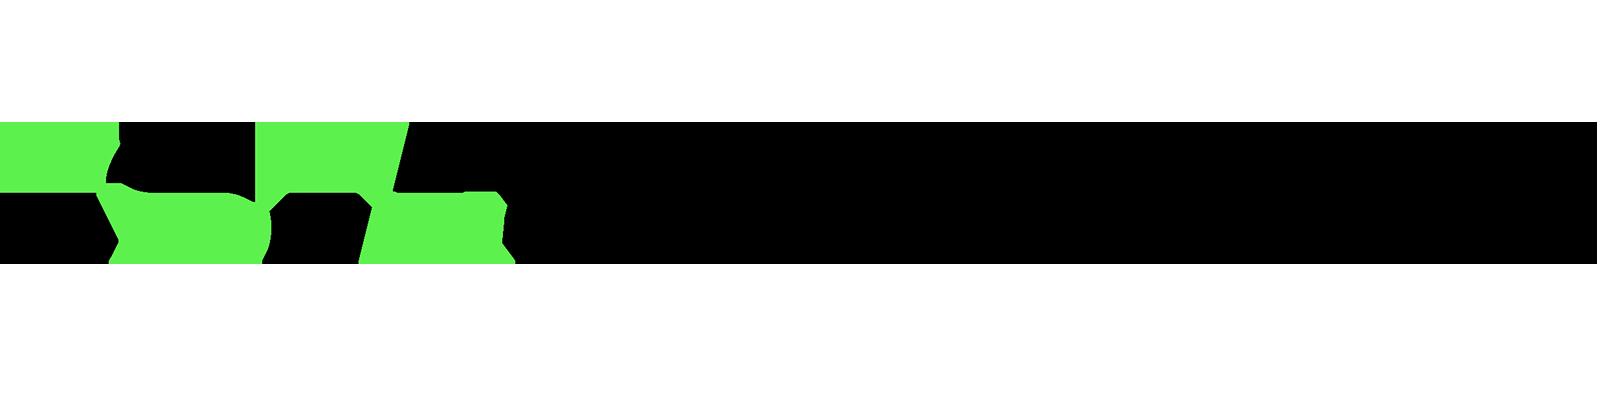 CSTA Sacramento logo